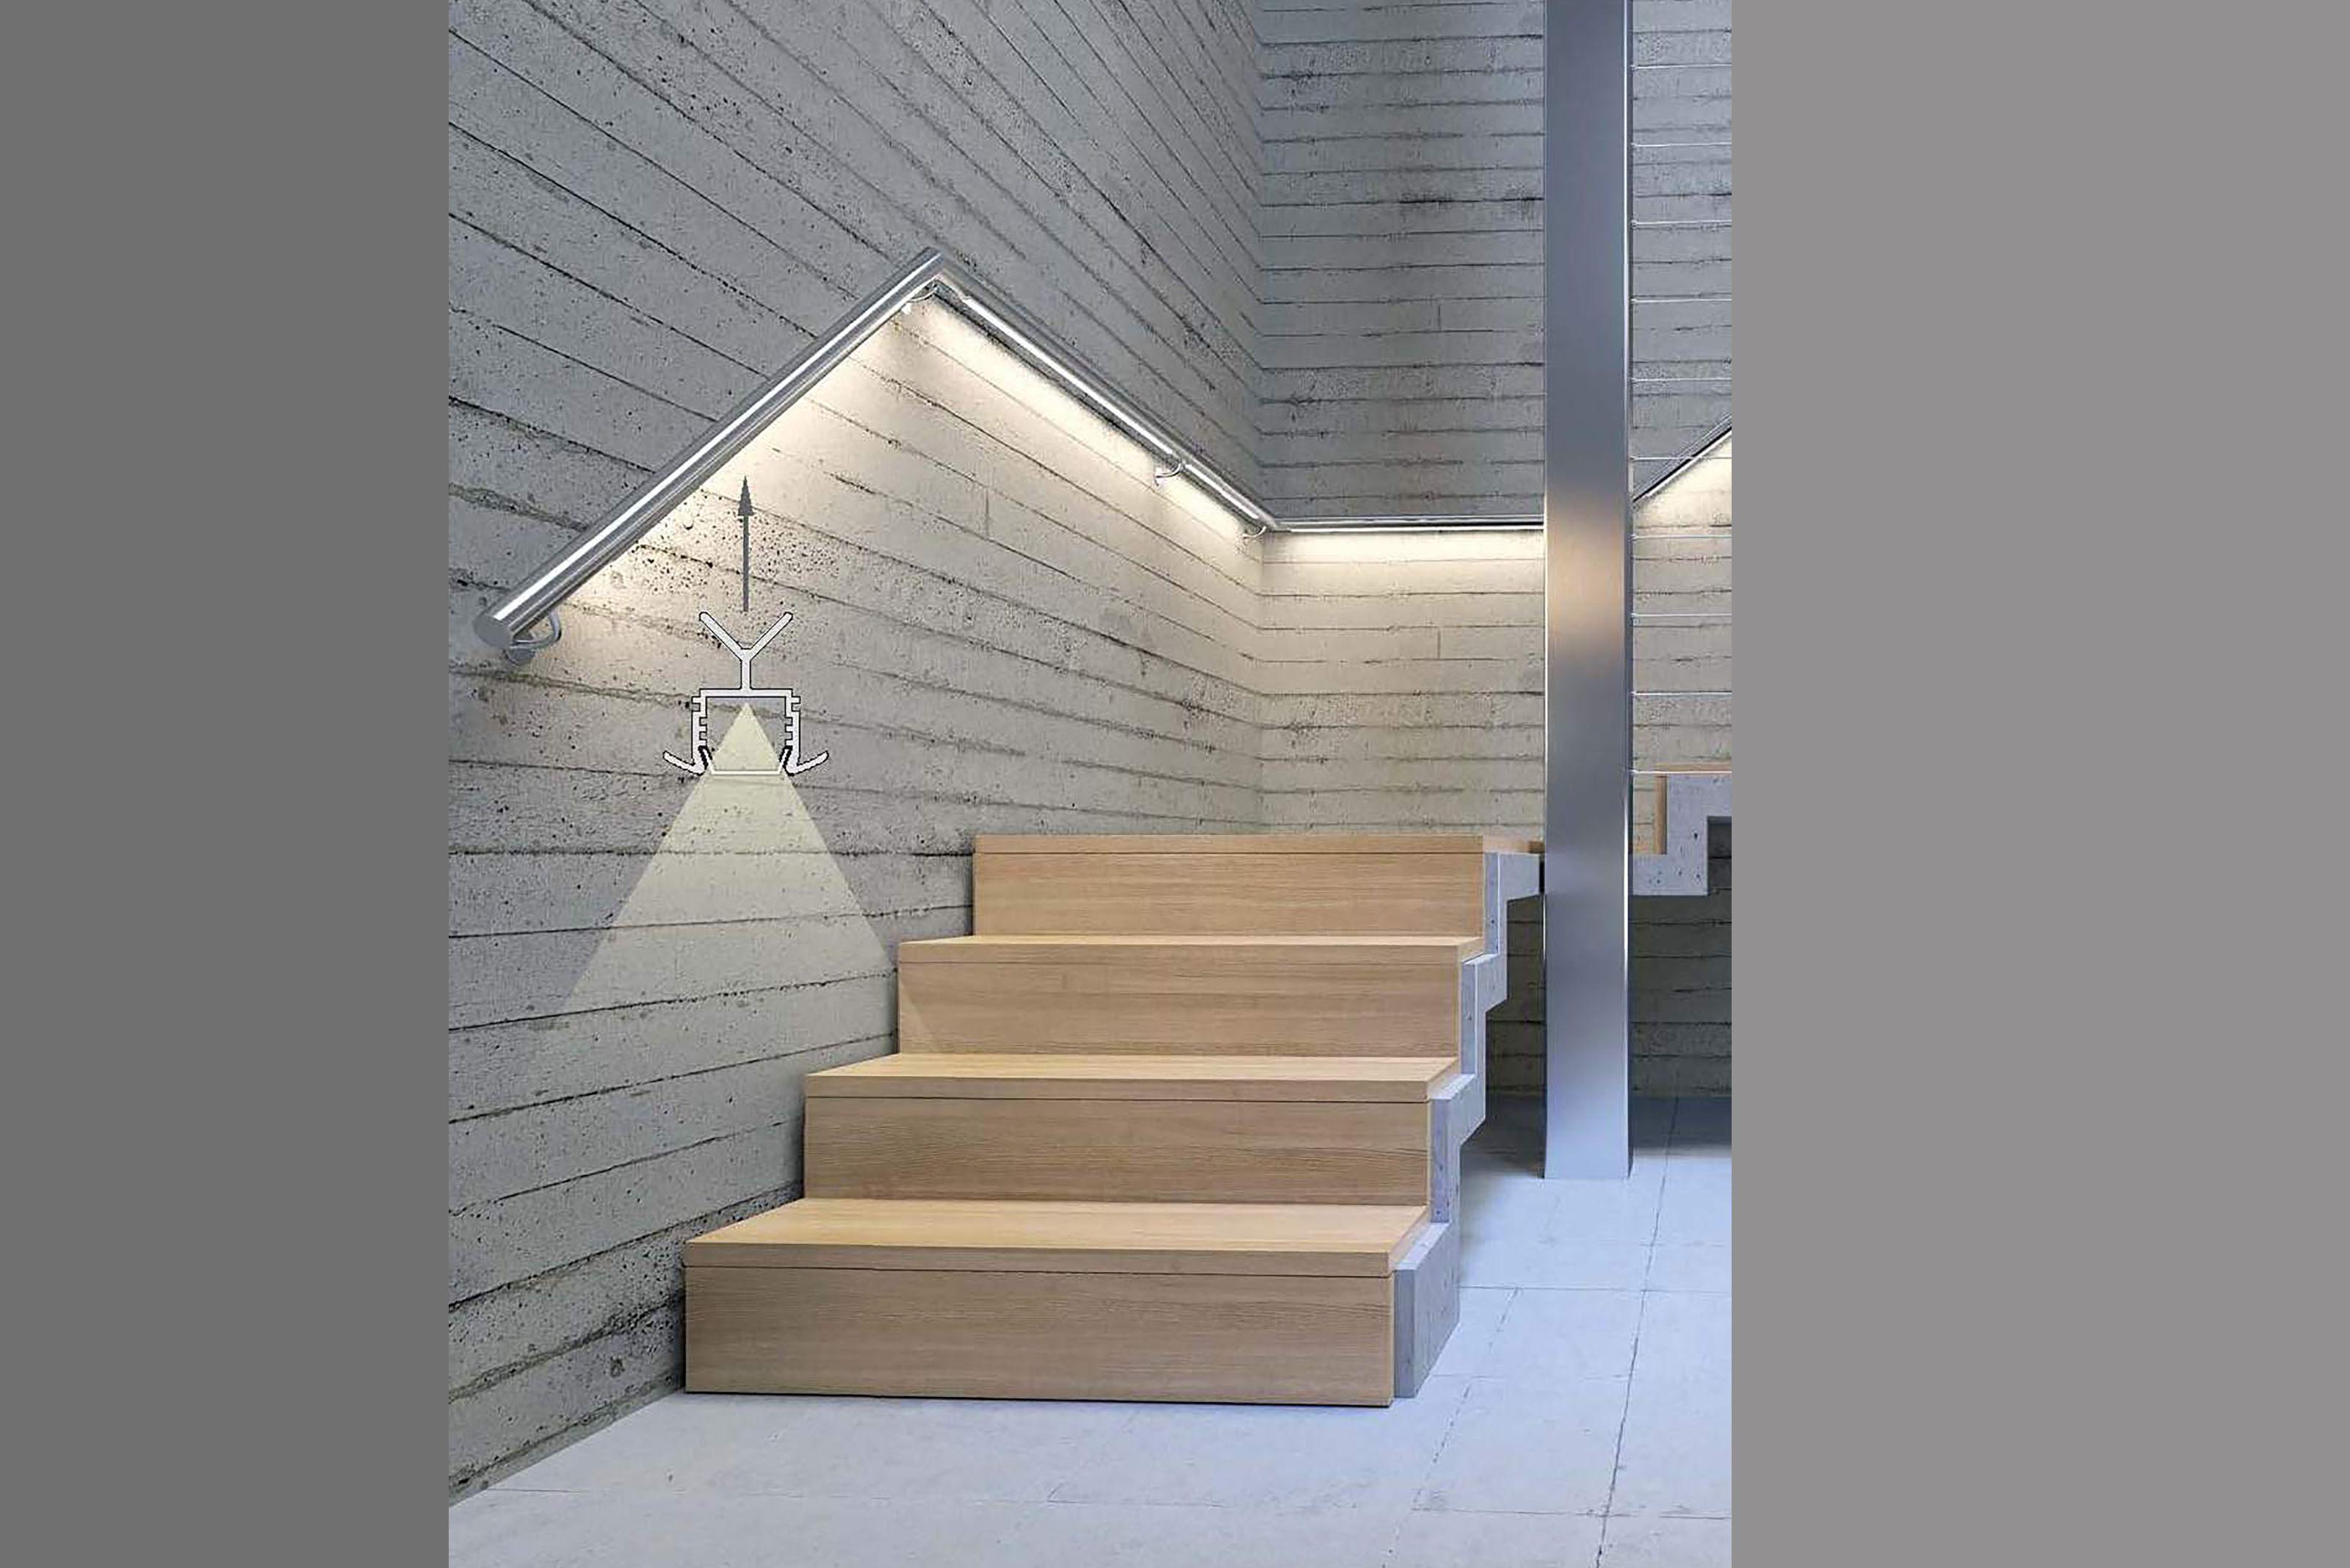 lightline-handrail-5-mj-lighting-v2